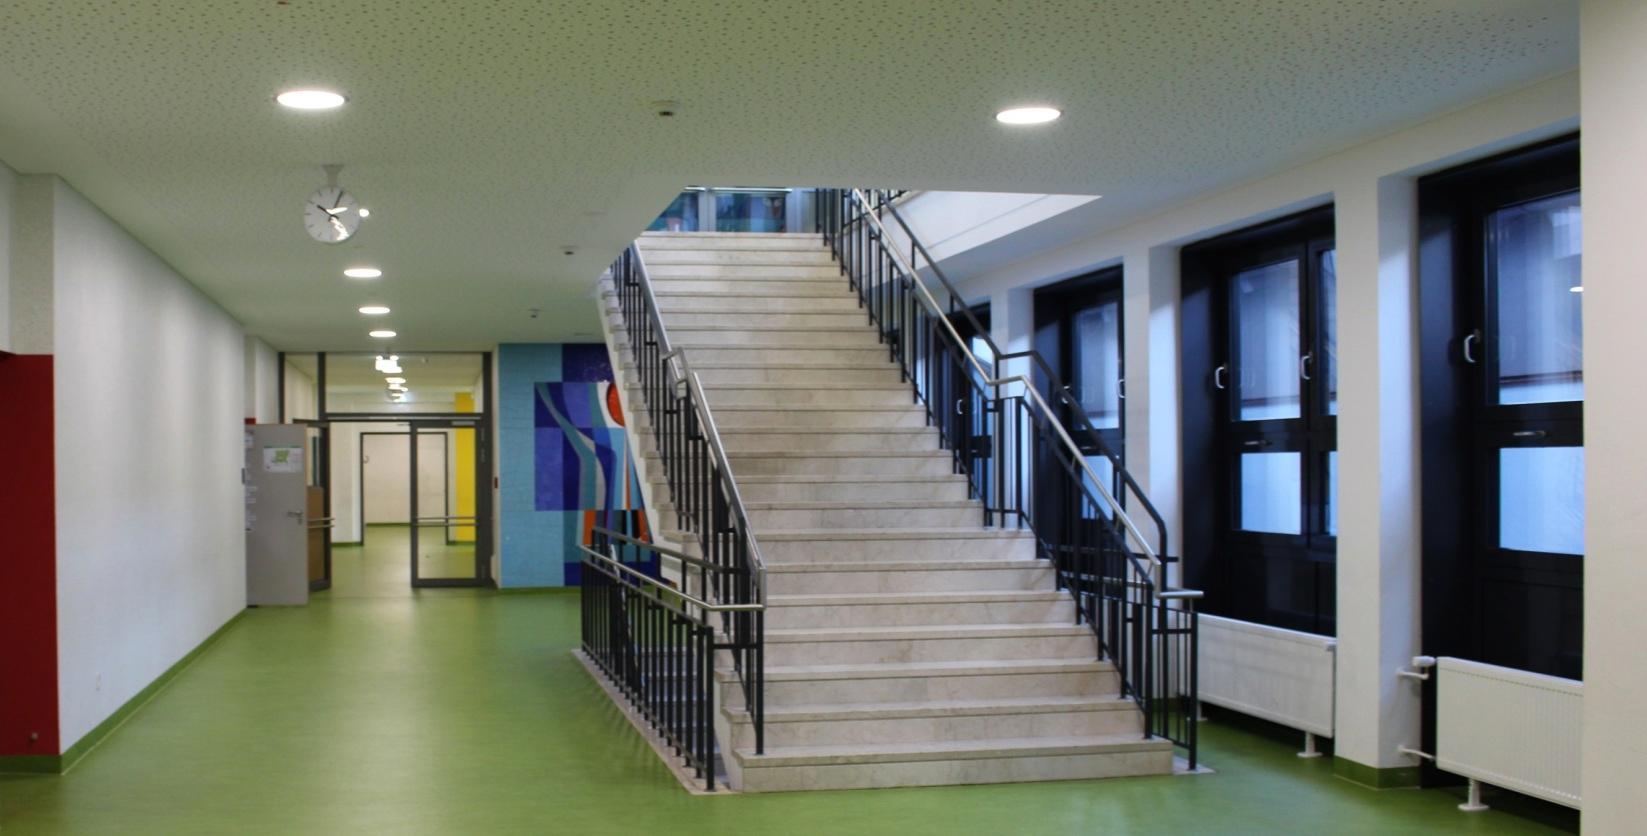 Neue Fenster, Böden und Möbel schaffen eine moderne, freundliche Atmosphäre im Gebäude. Fotos: Diaw